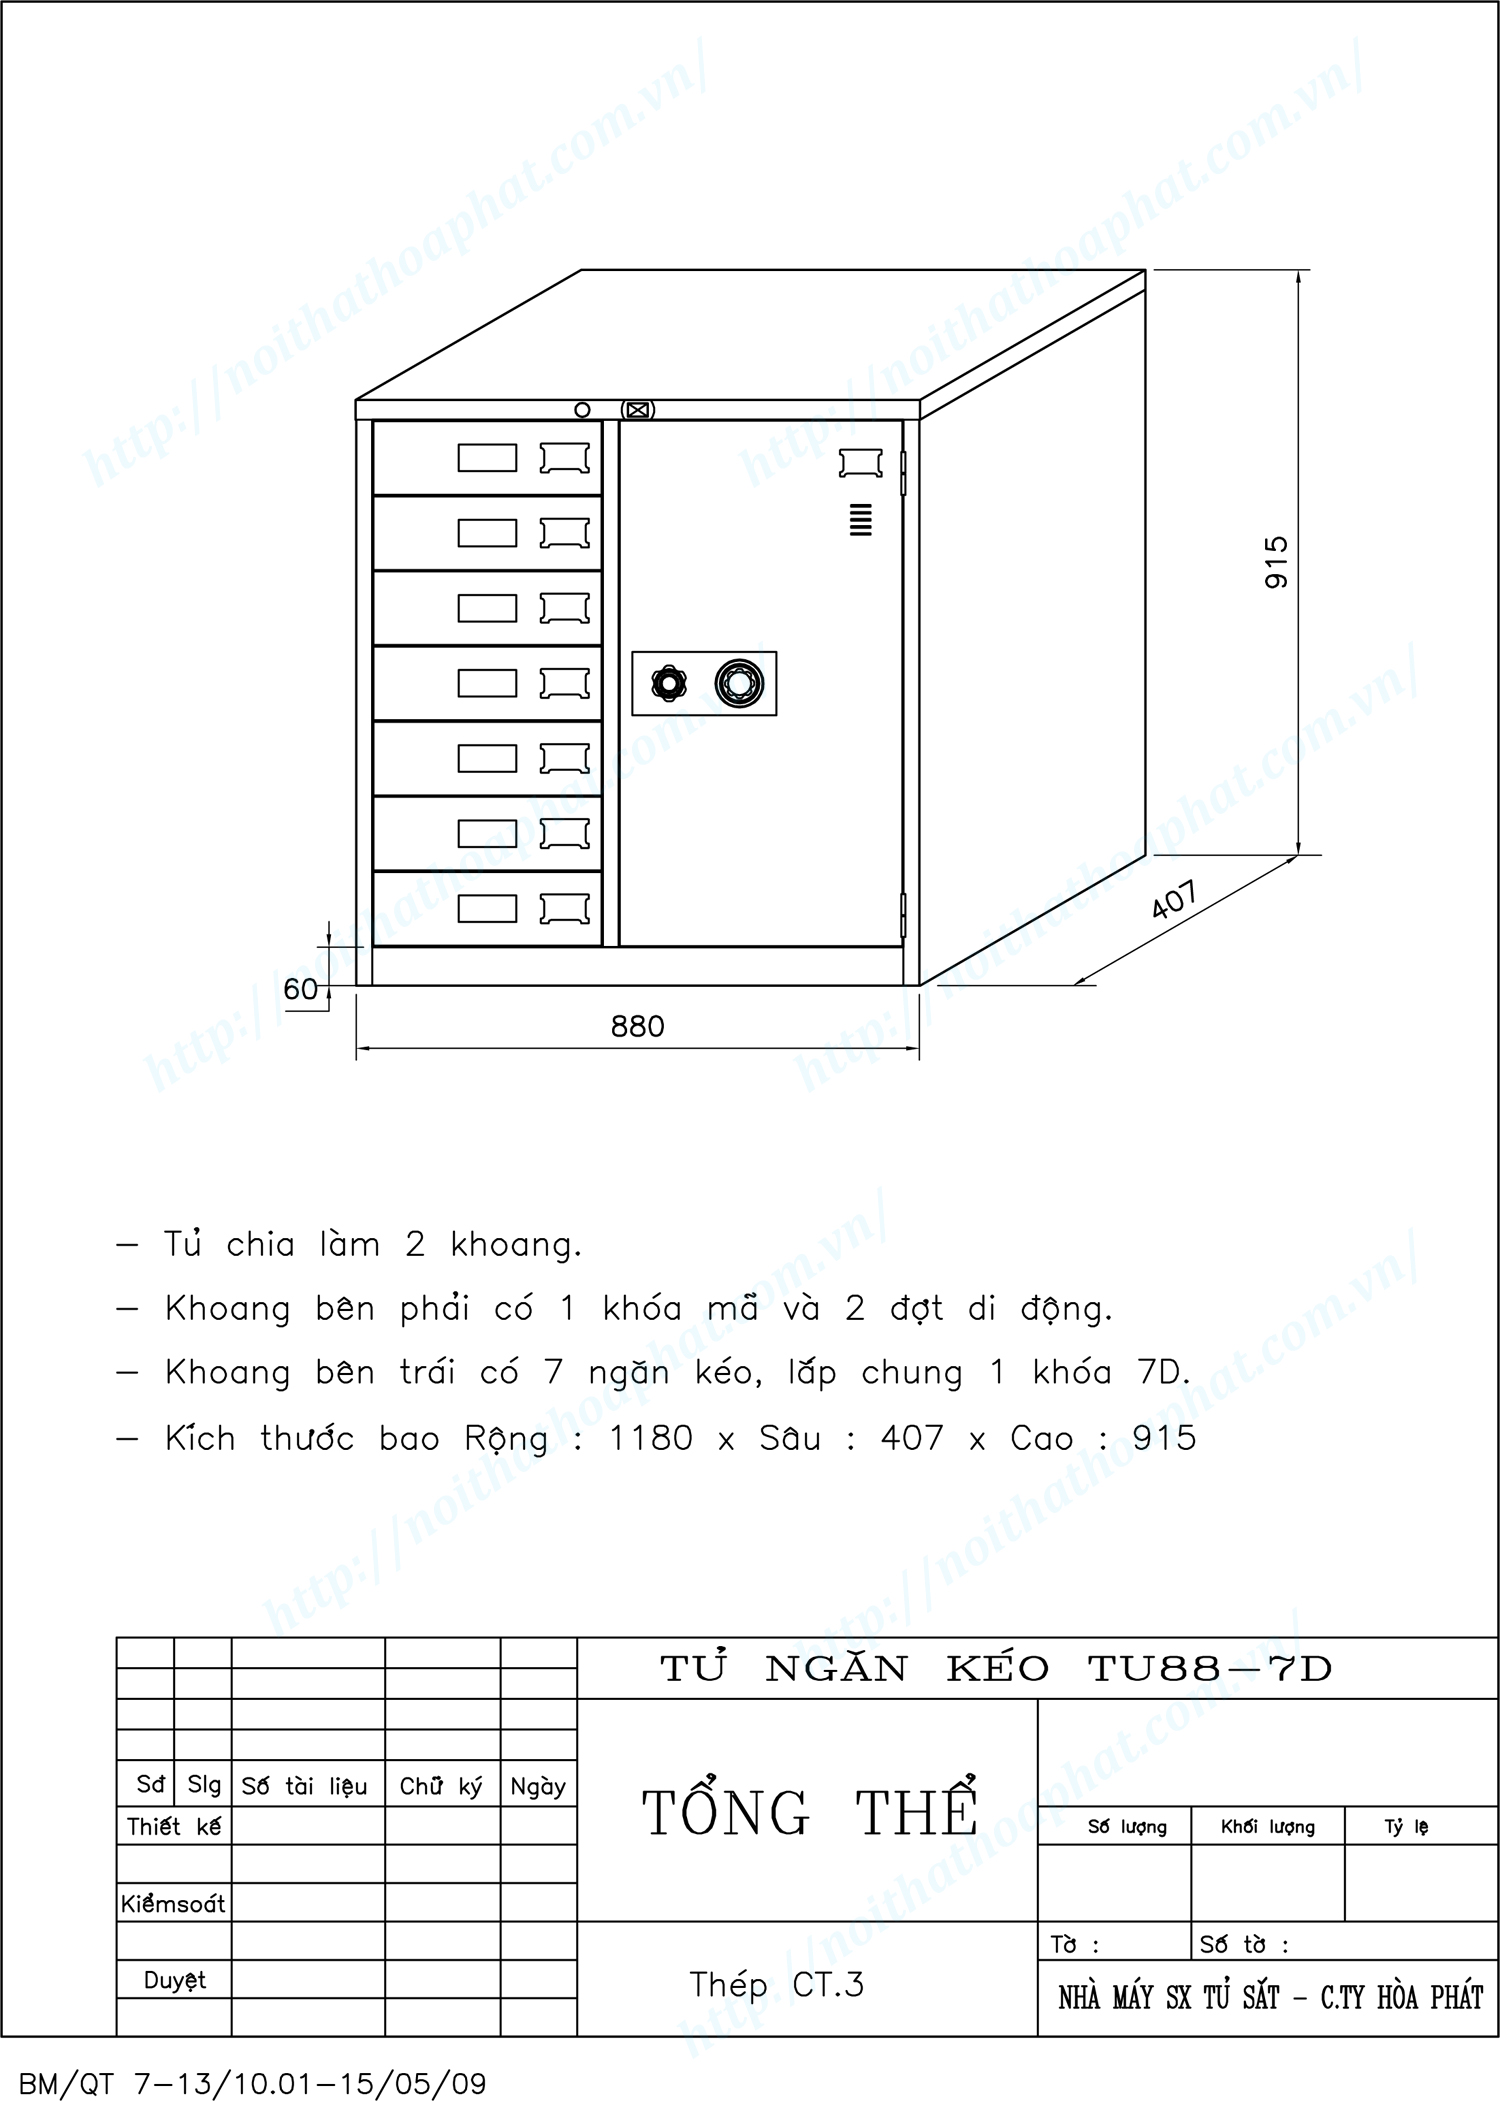 Bản vẽ kỹ thuật thiết kế tủ ngăn kéo đựng tài liệu TU88-7D